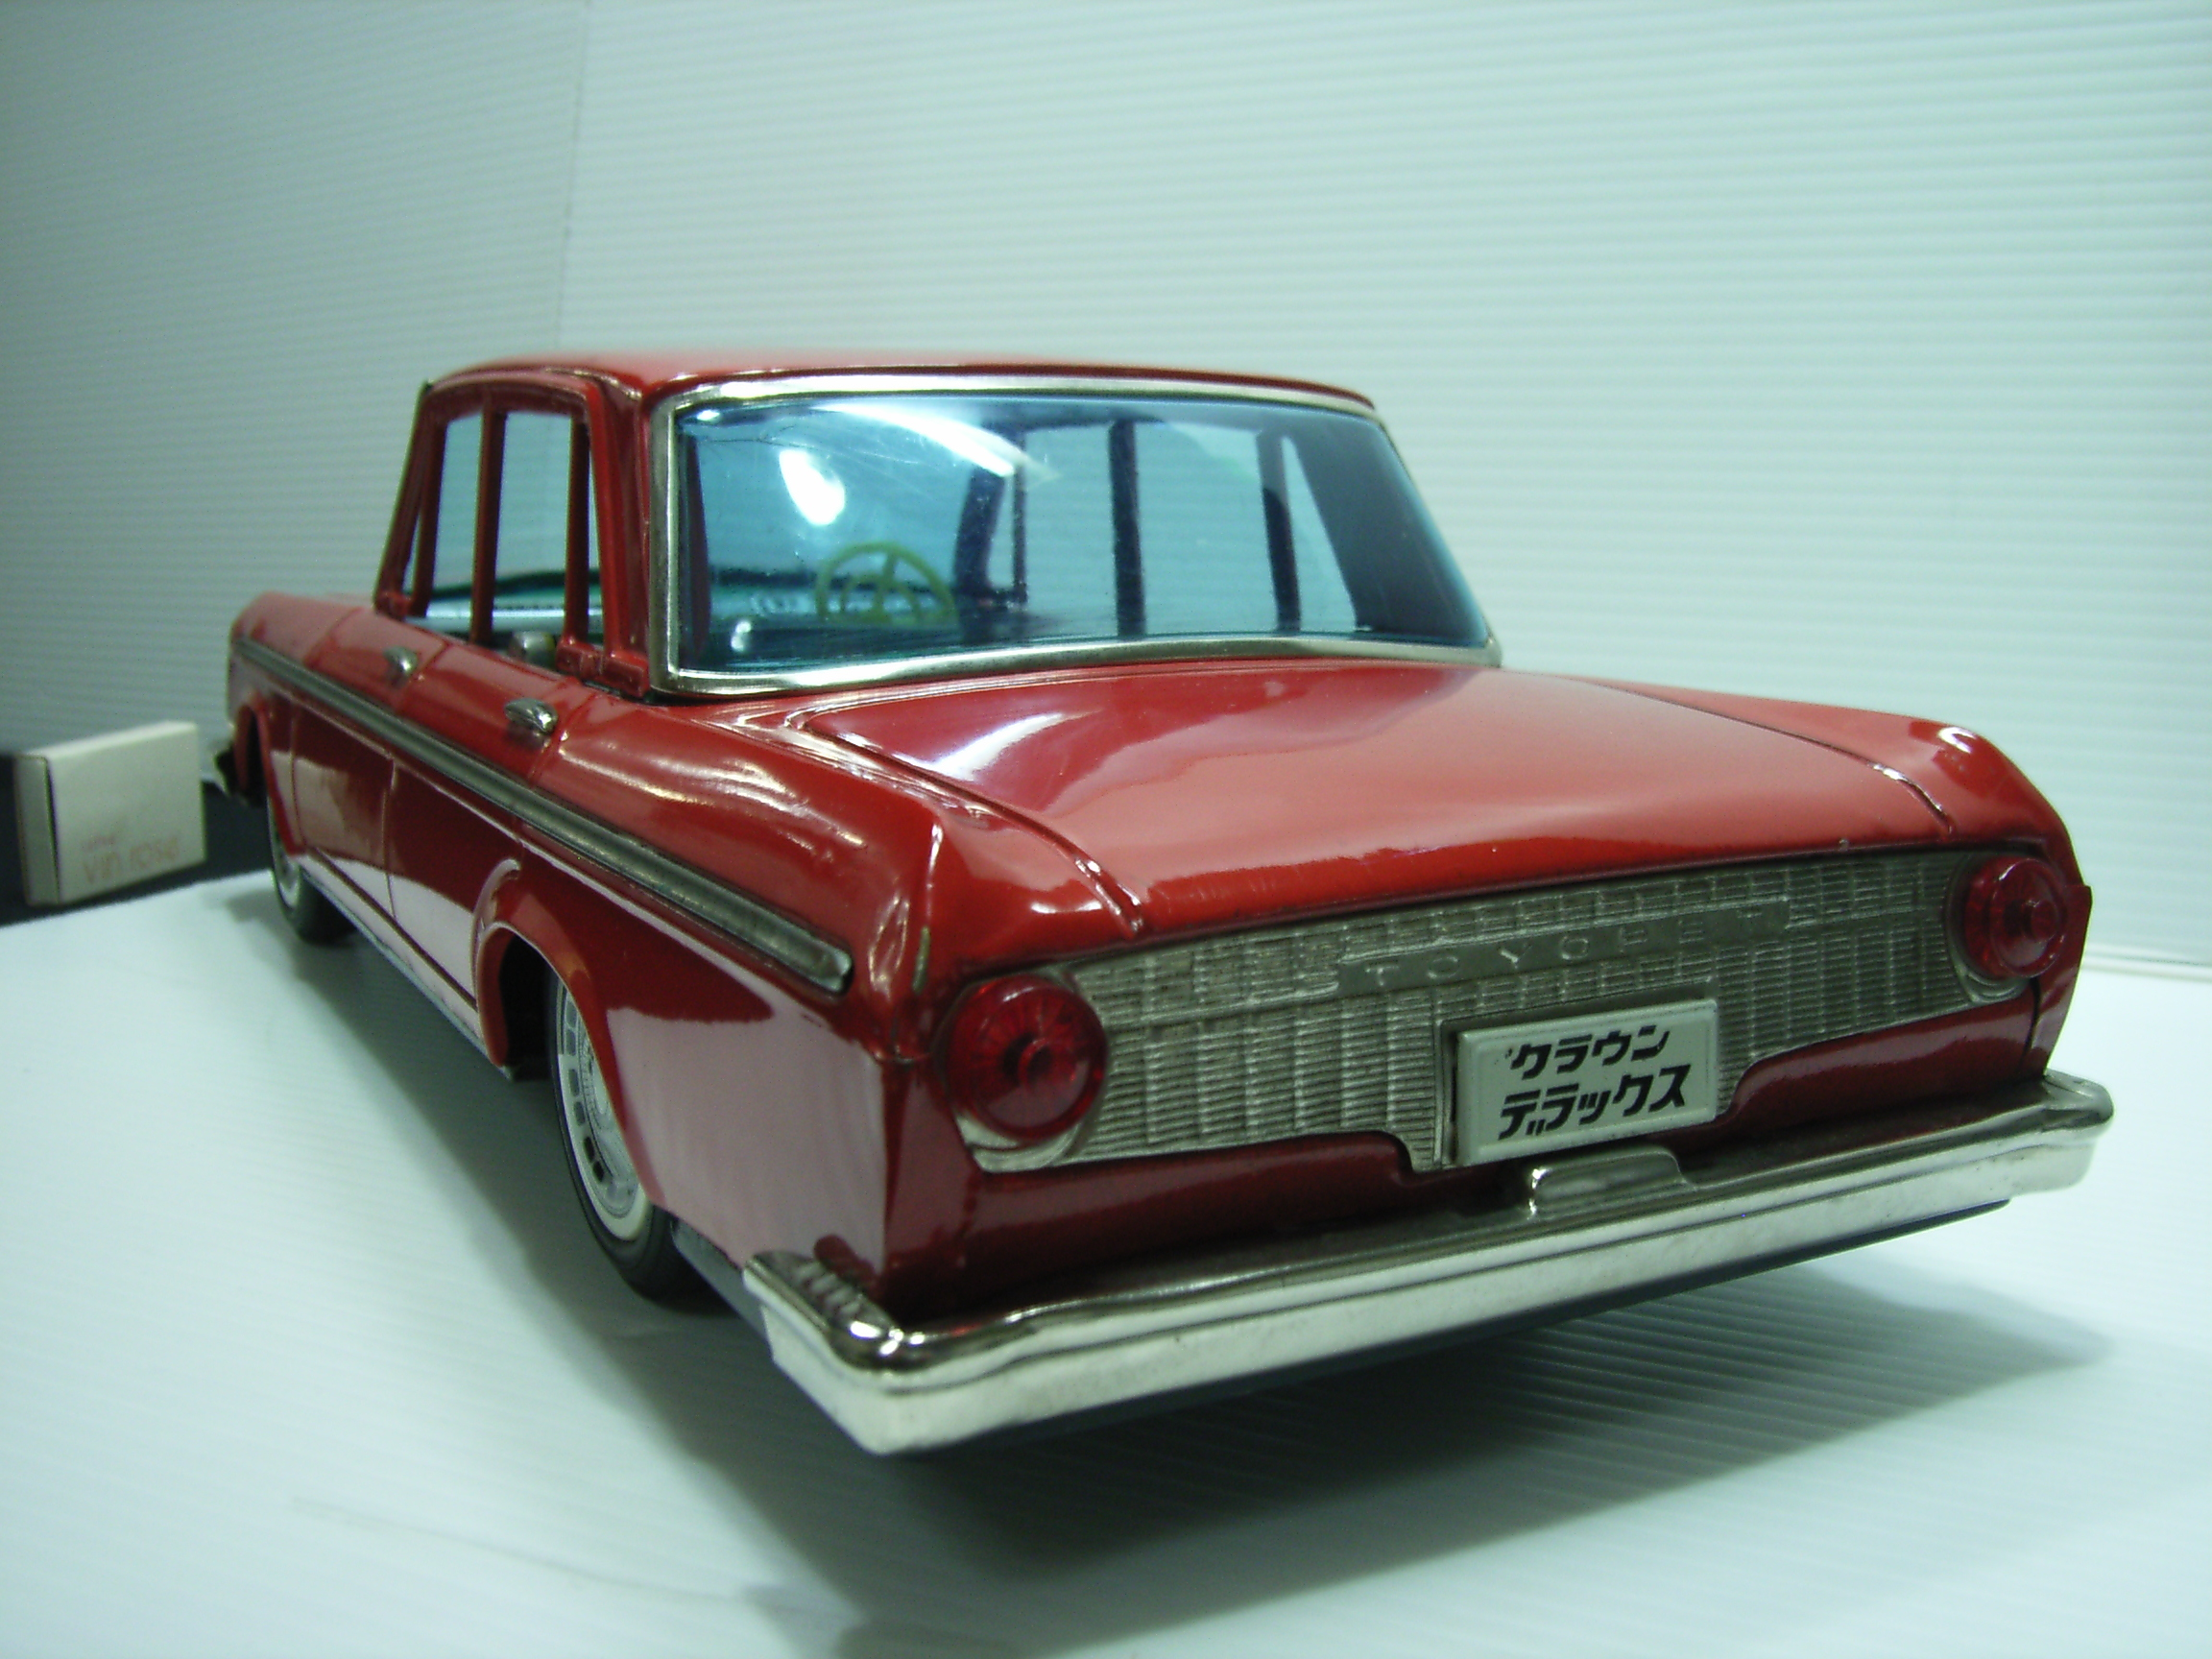 貴重☆ヨネザワ クラウン デラックス ブリキ 自動車 大型 39.0cm 当時物 フリクション JAPAN 現状 【TO3066】